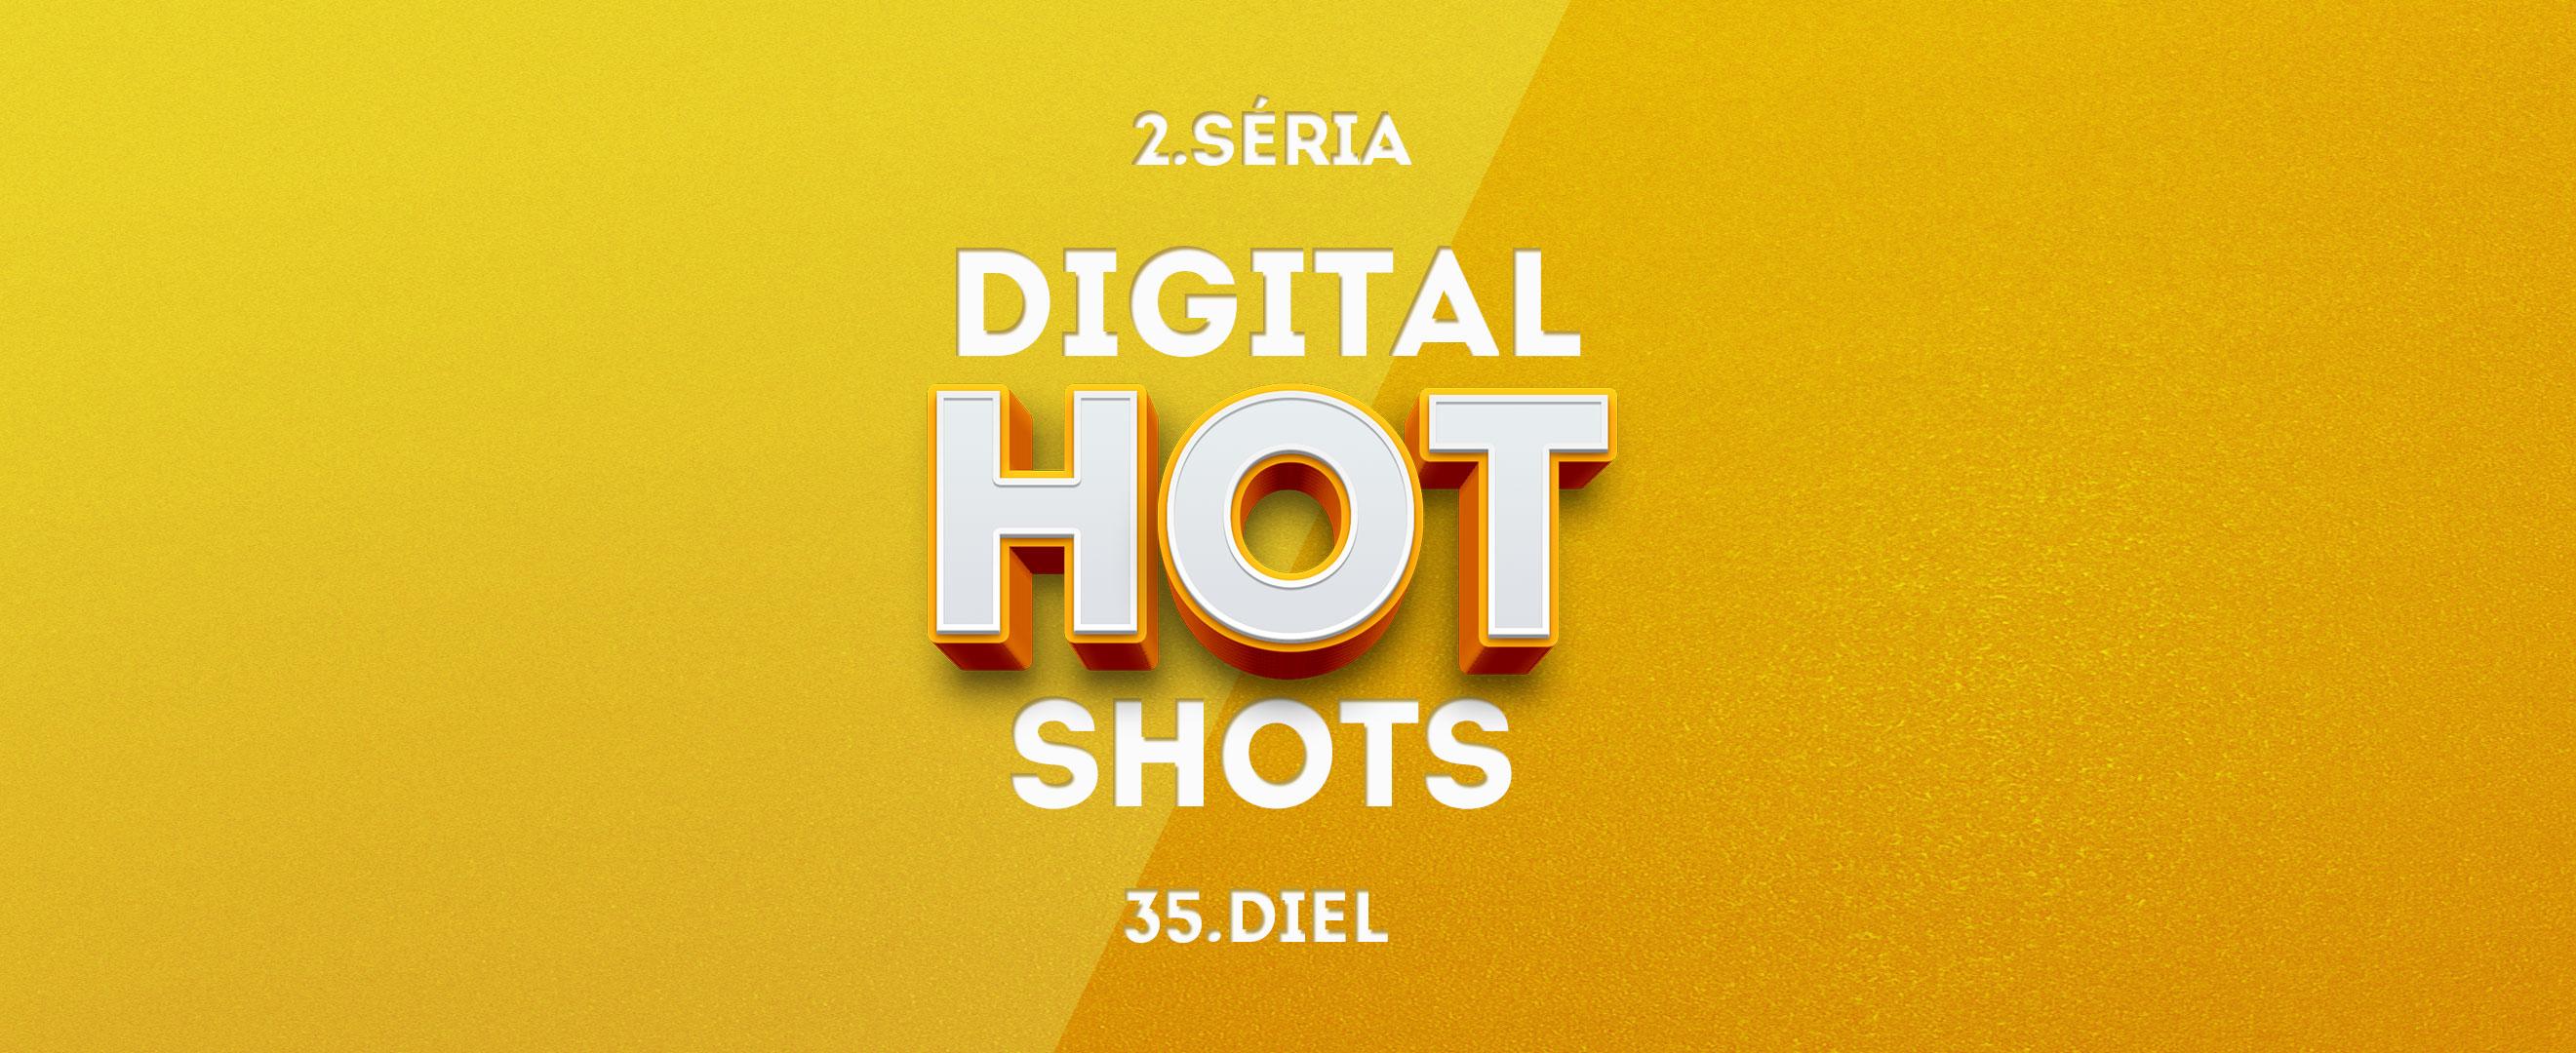 Zuckerberg sa vyjadril k TikTok-u, Facebook skrýva likes a ďalšie novinky   Digital Hot Shots 2 #35